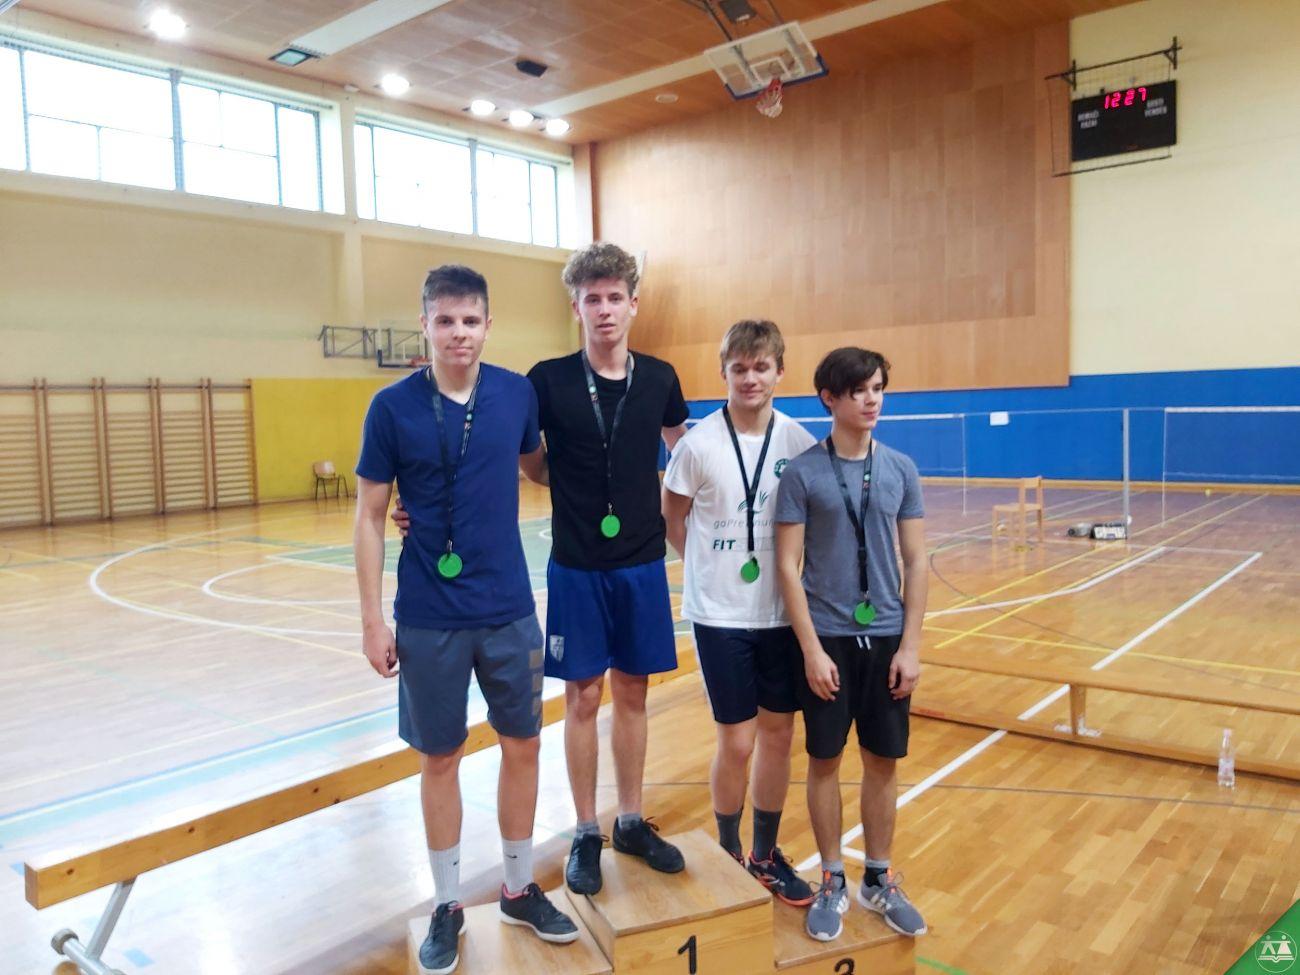 Podrocno-prvenstvo-v-badmintonu-za-srednje-sole-002